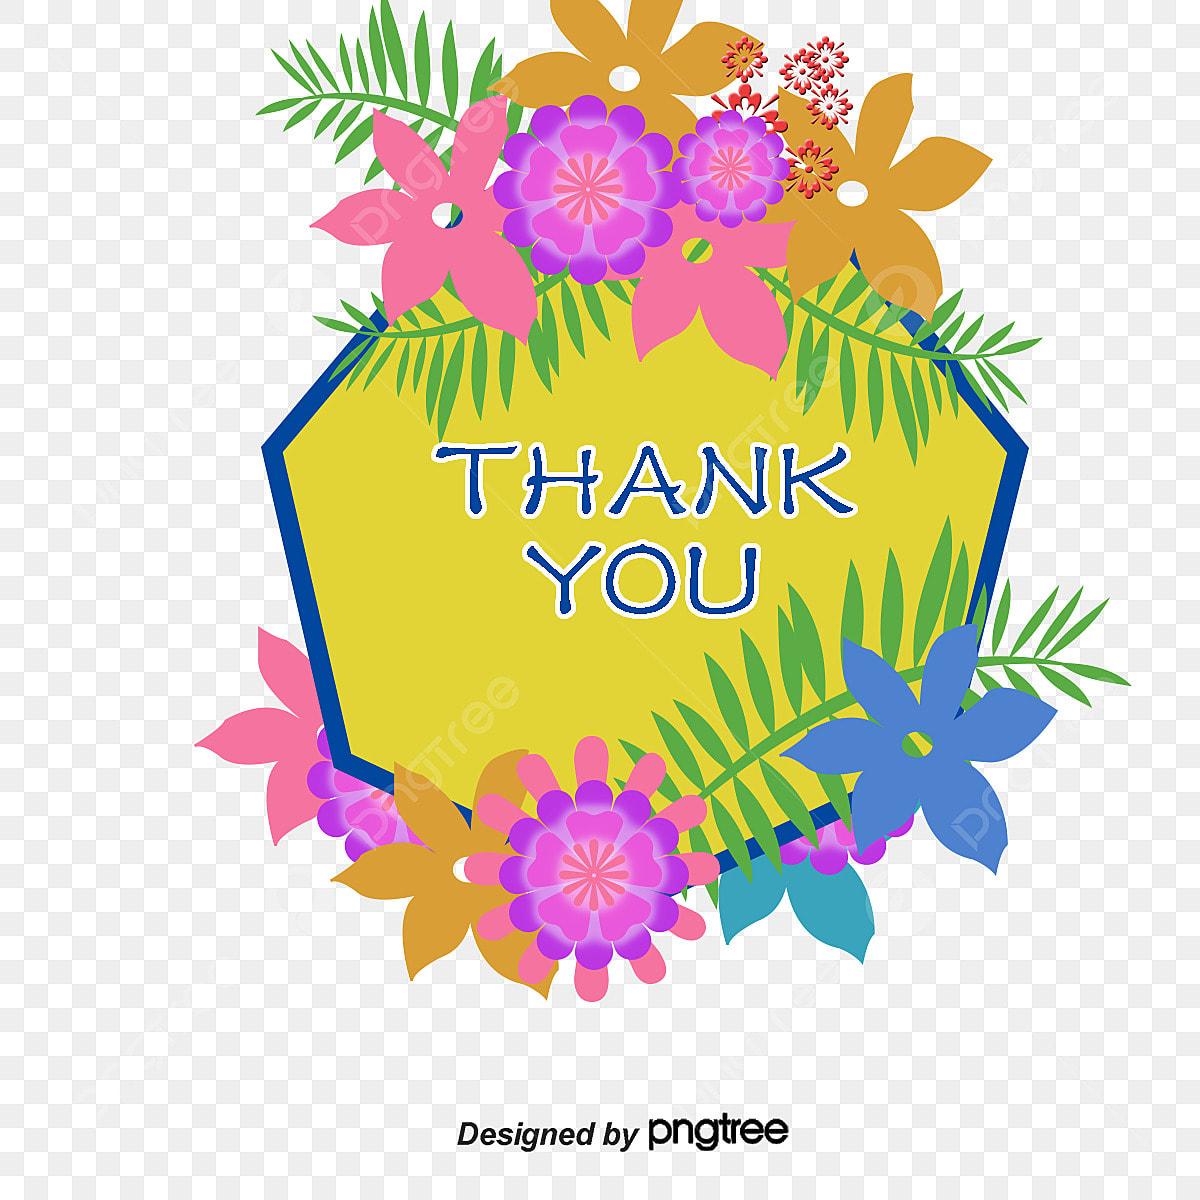 شكرا لك بطاقة شكرا لك الزهور بطاقة Png وملف Psd للتحميل مجانا